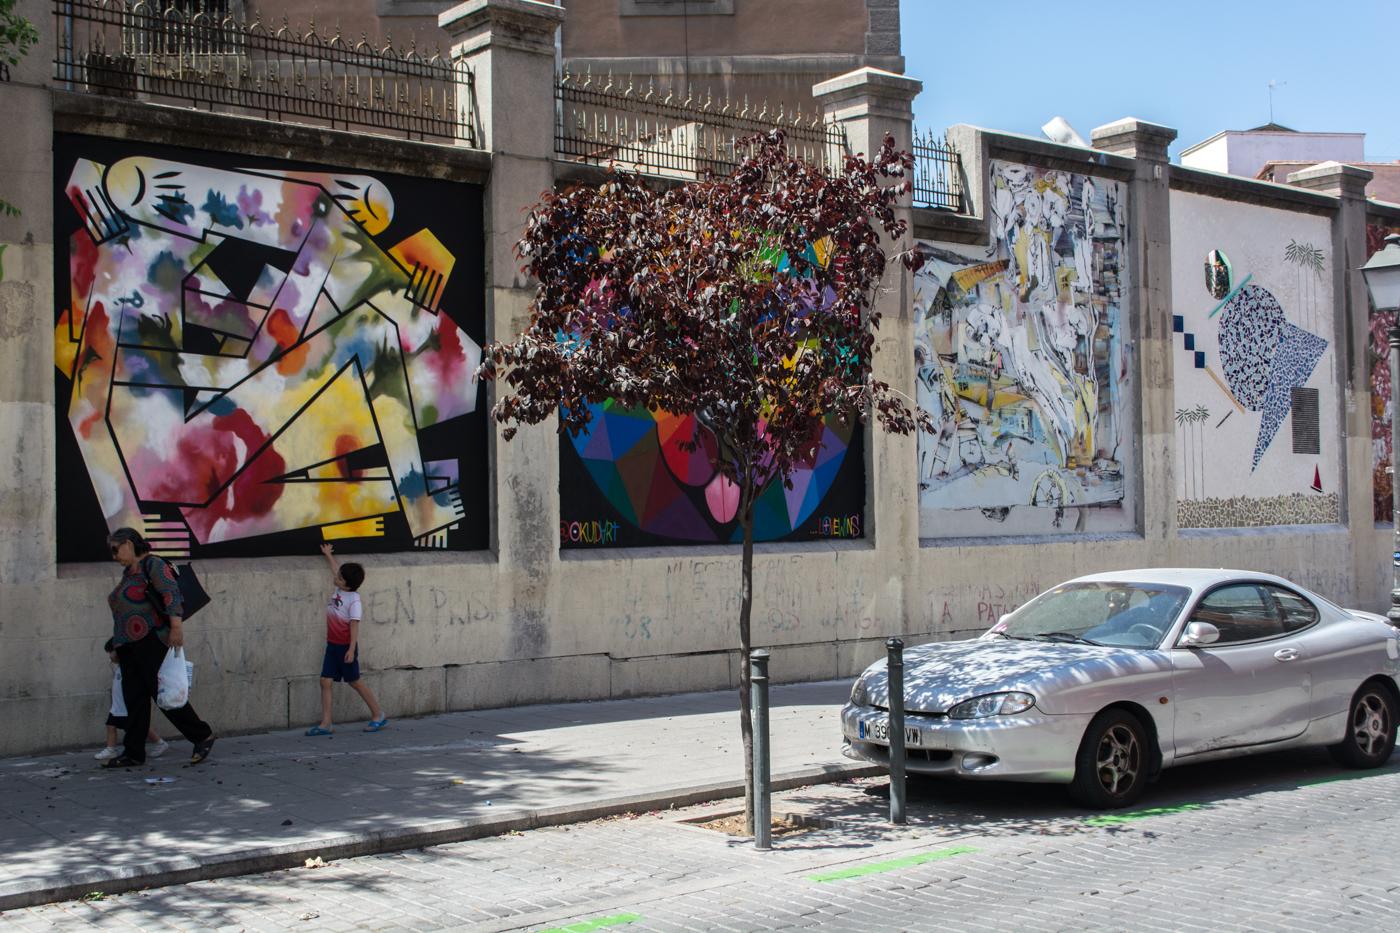 Conjunto - MurosTabacalera by Guillermo de la Madrid - Madrid Street Art Project final-002.jpg